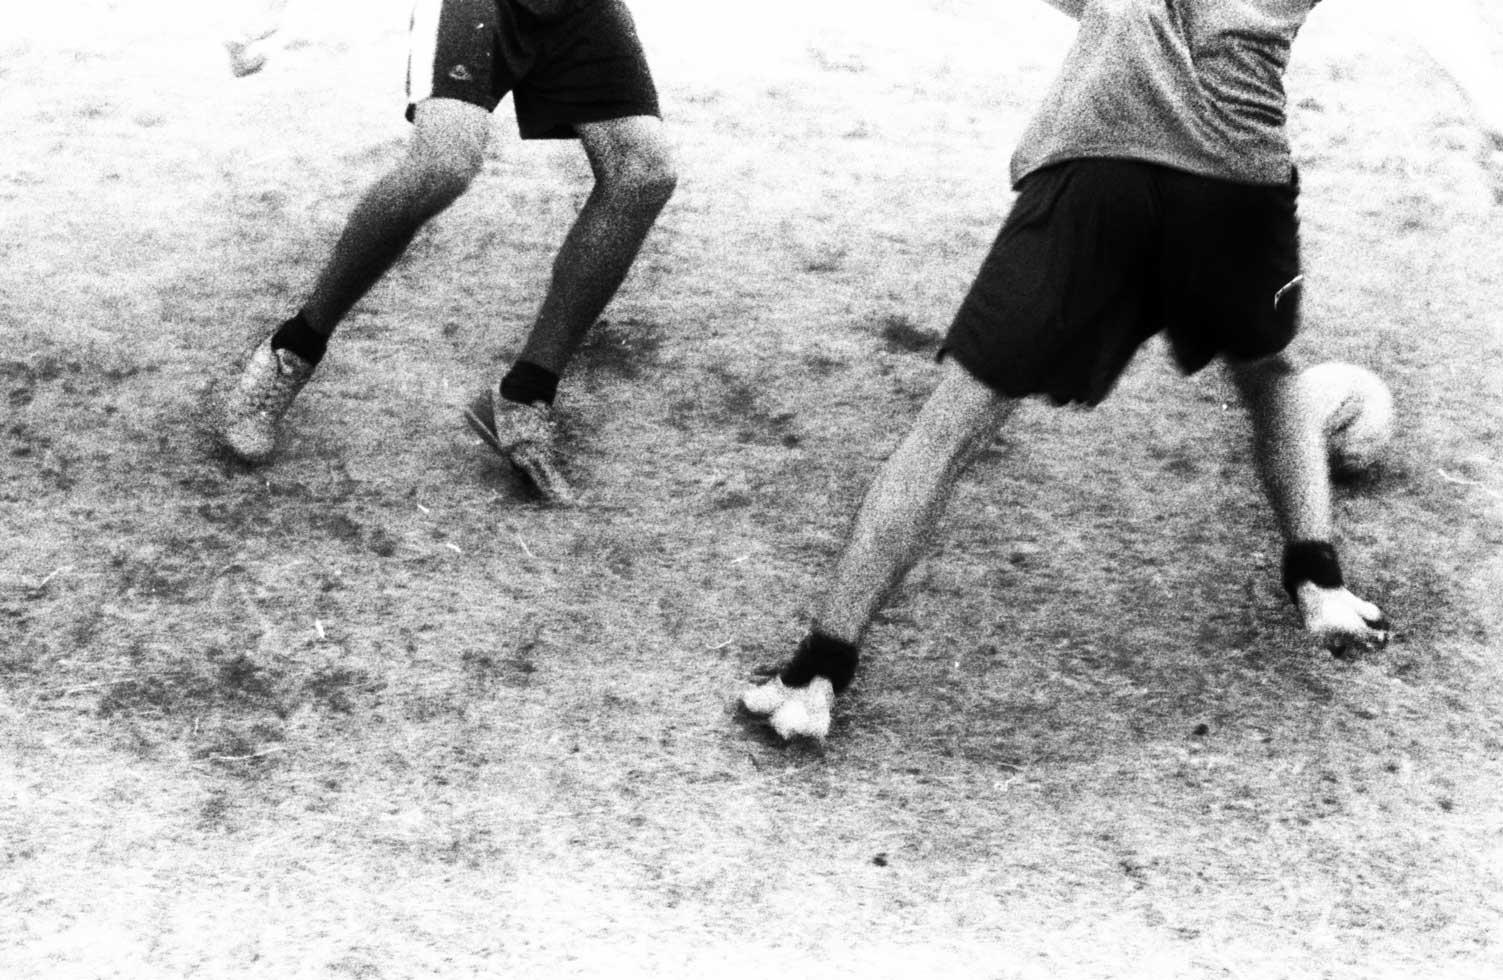 фотопленка аналоговая фотография футбол